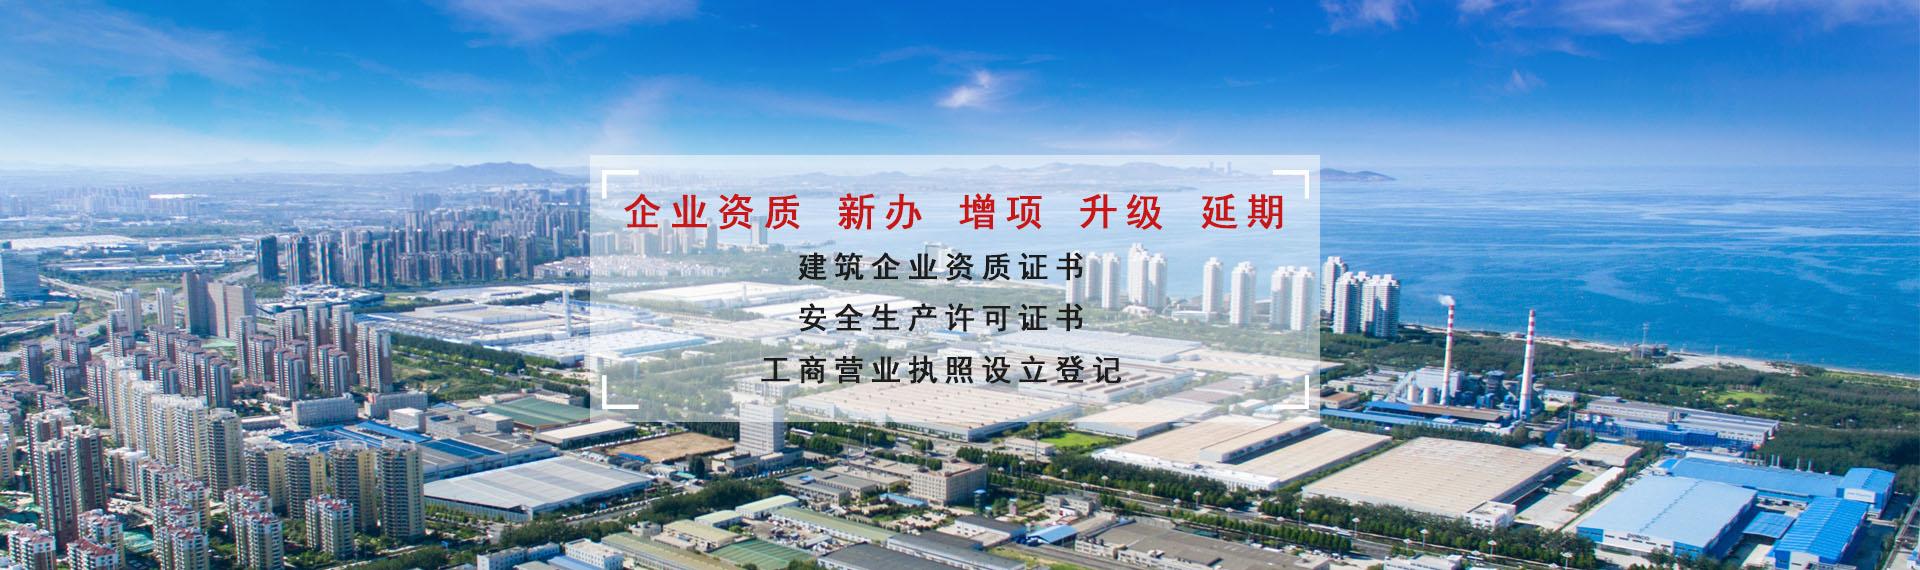 贵州咨达兴企业管理有限公司【官网】